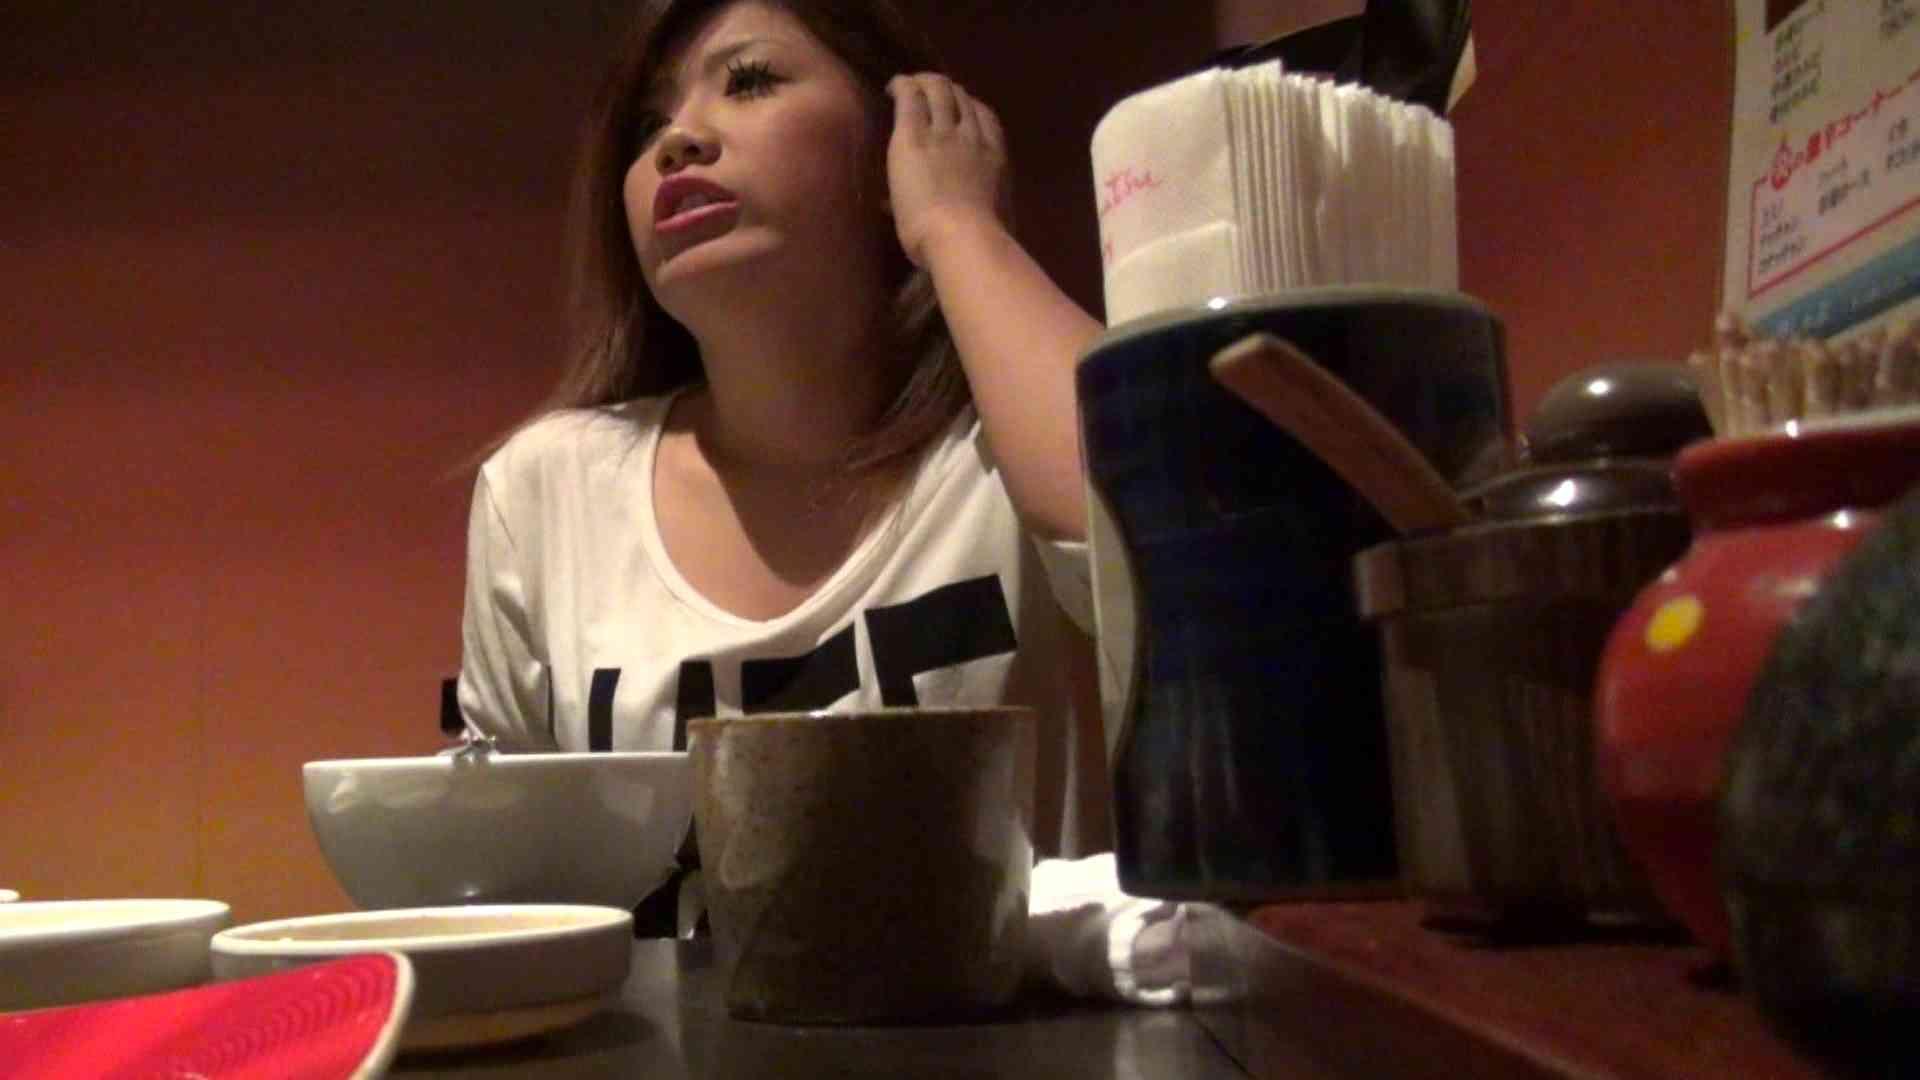 【出会い01】大助さんMちゃんと食事会 悪戯 | 友人  56pic 42